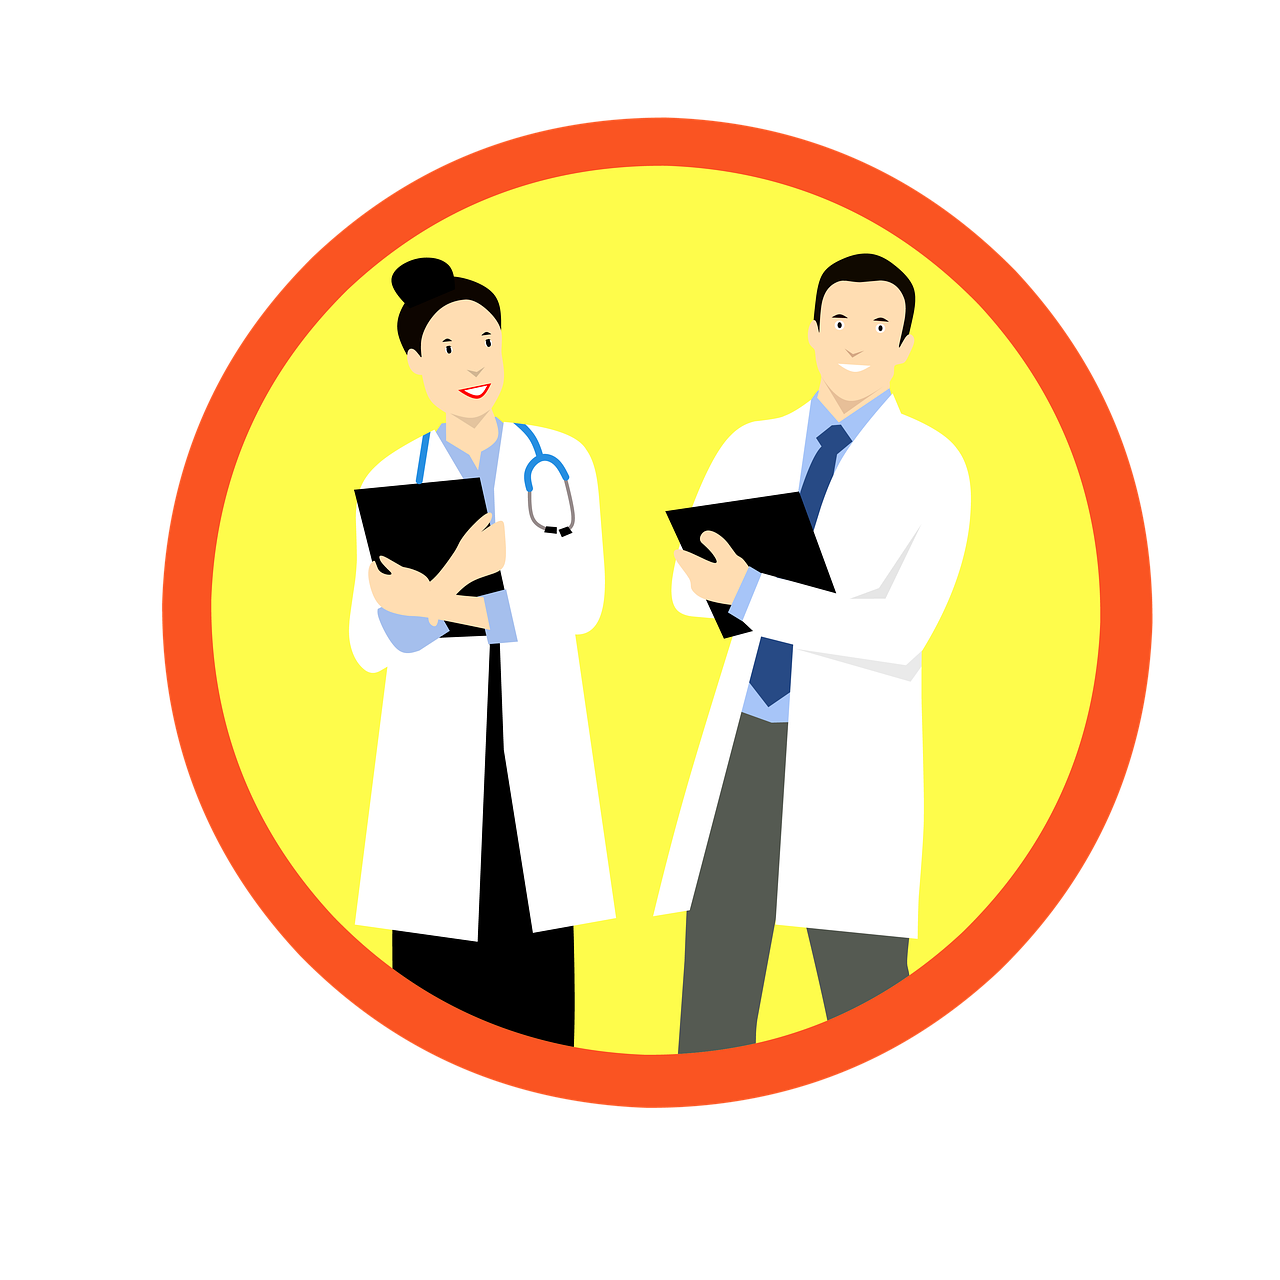 Huisartsen Medisch Centrum Molenwijk doktersdienst